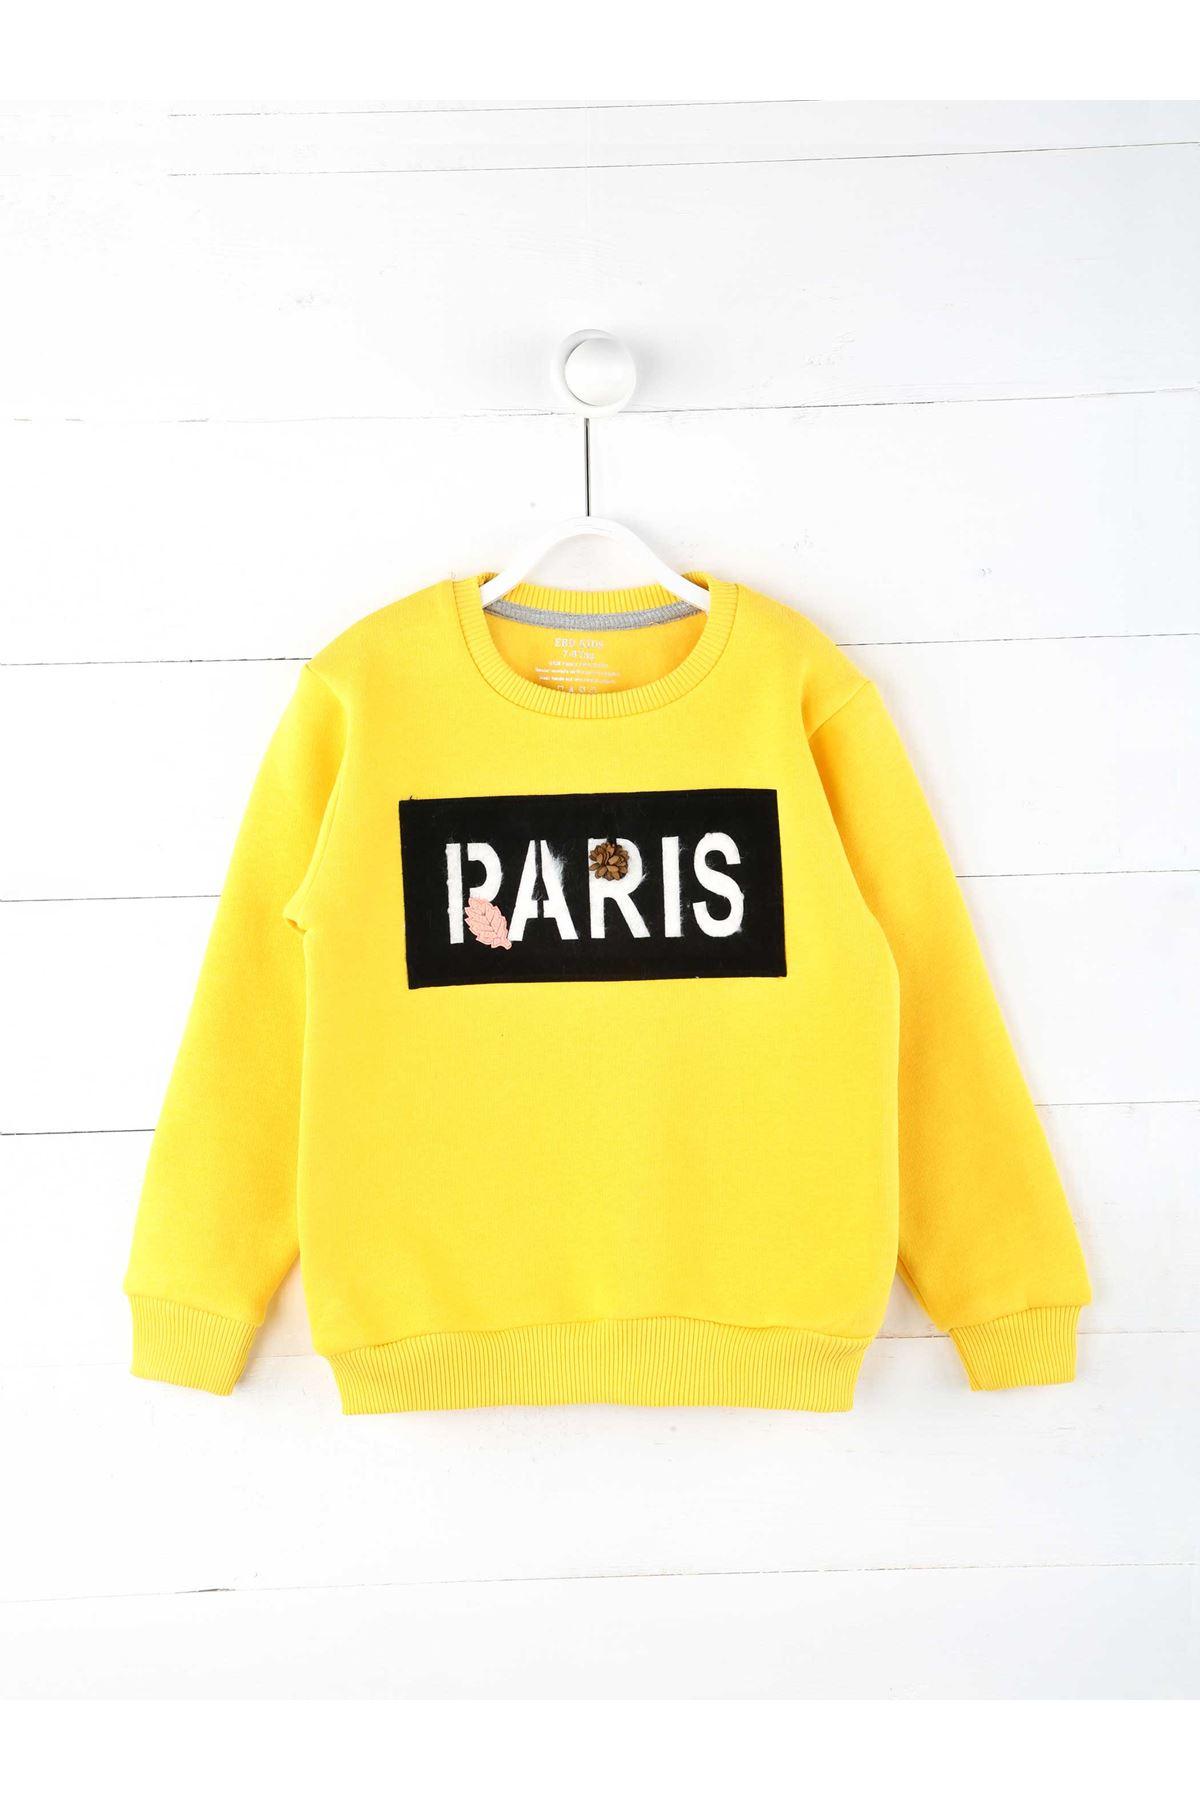 Sarı Kışlık Kız Çocuk Sweatshirt